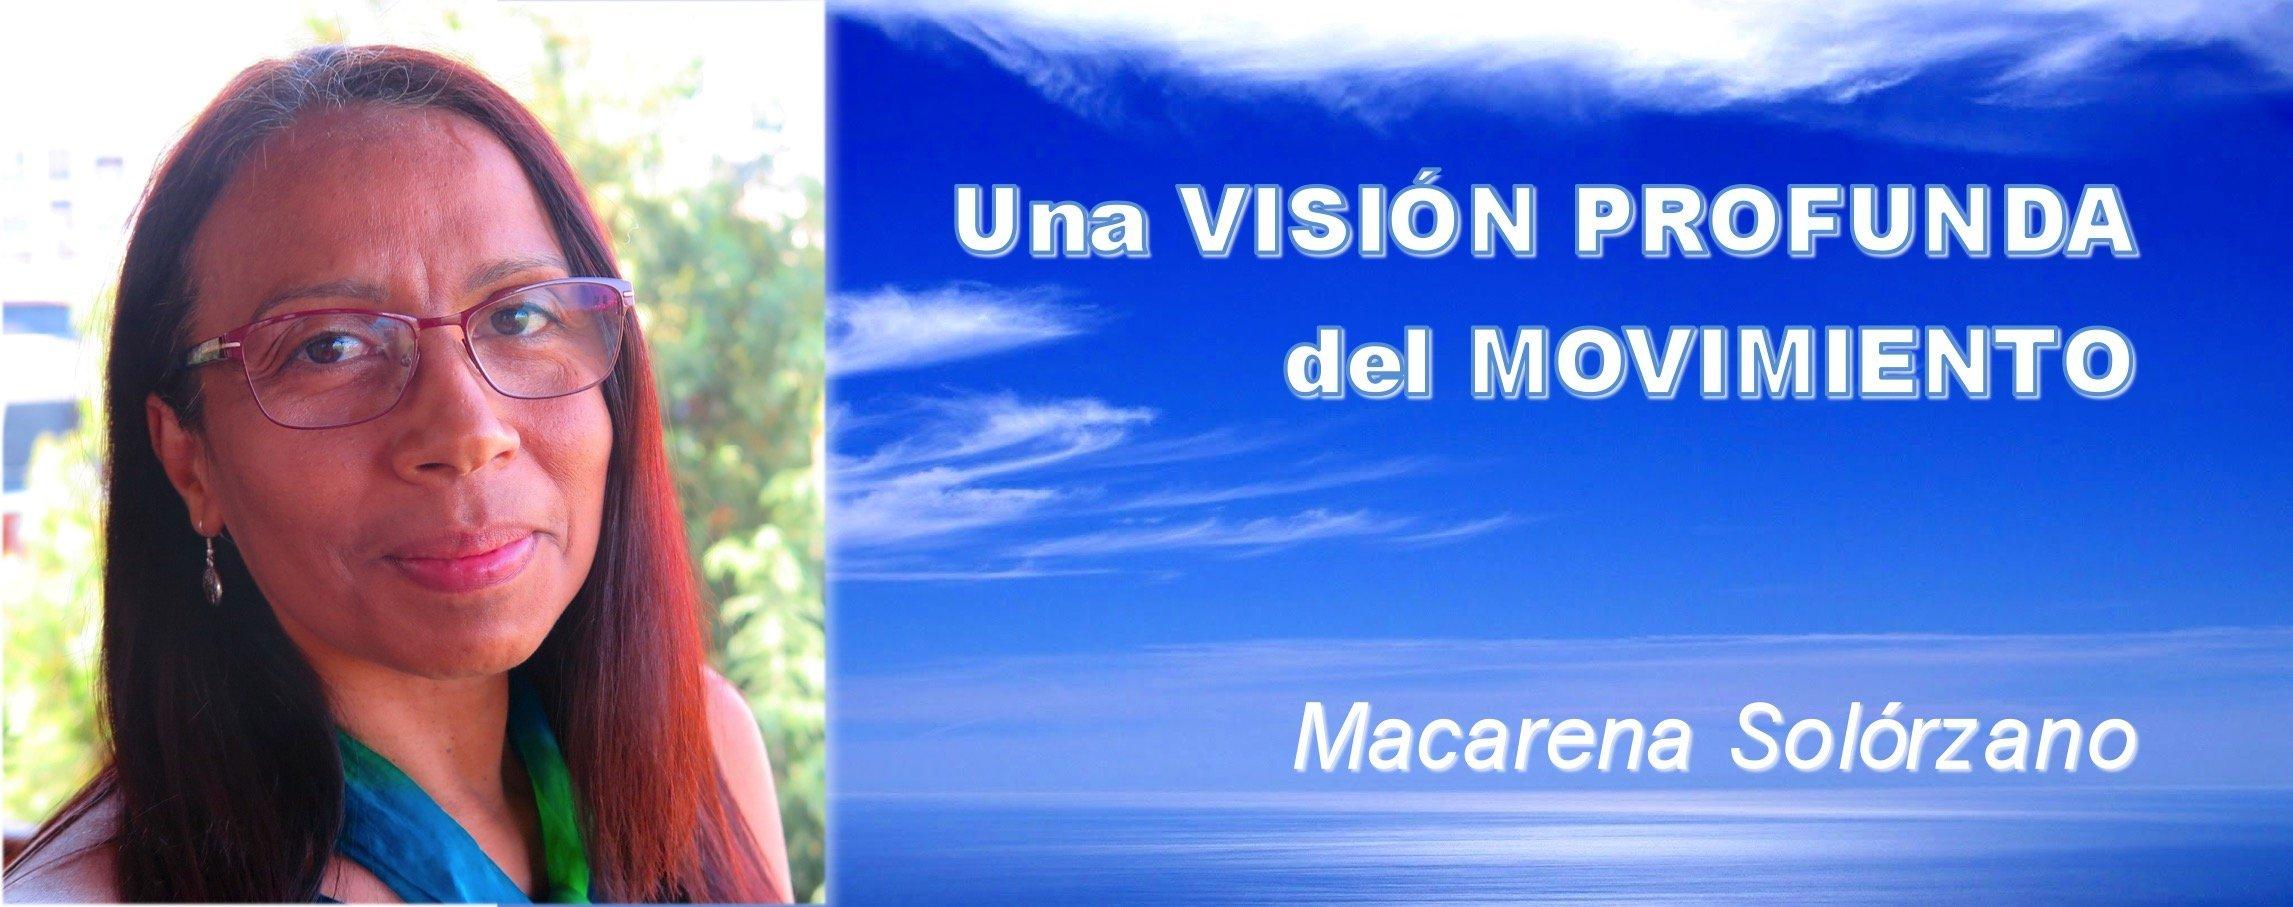 Macarena Solorzano 3